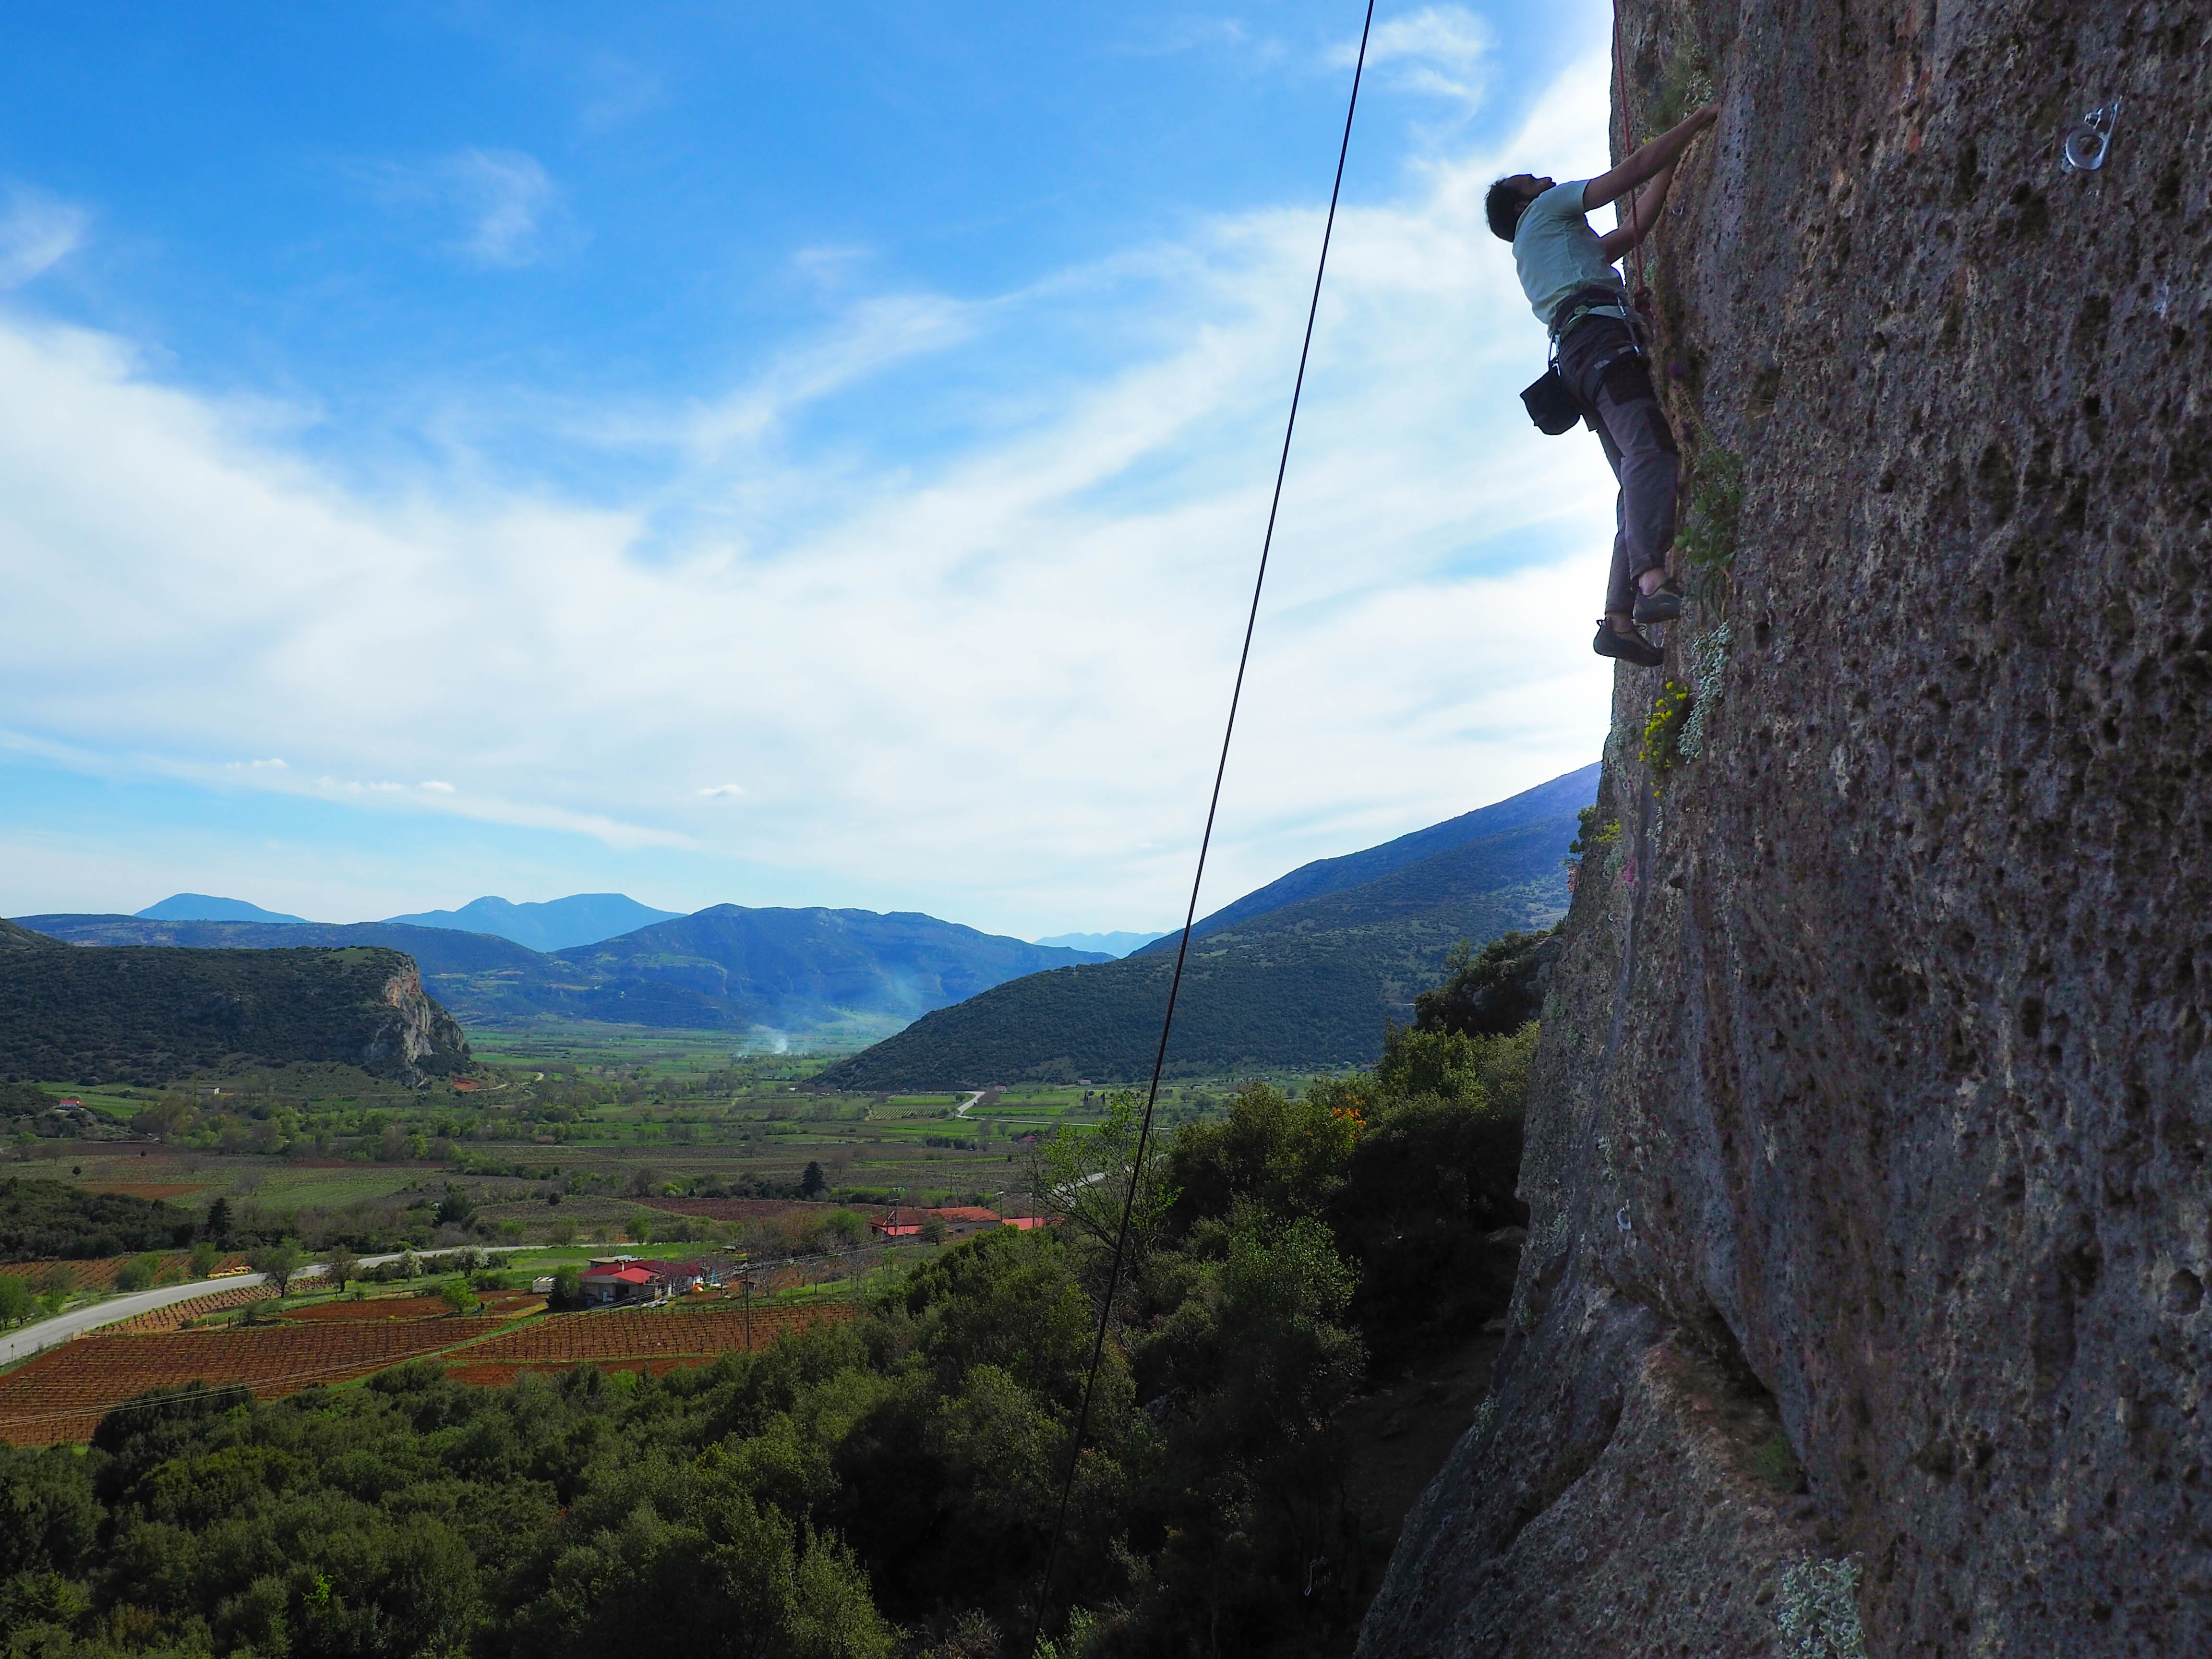 Αναρρίχηση στη Φρύγανη, Ορεινή Κορινθία